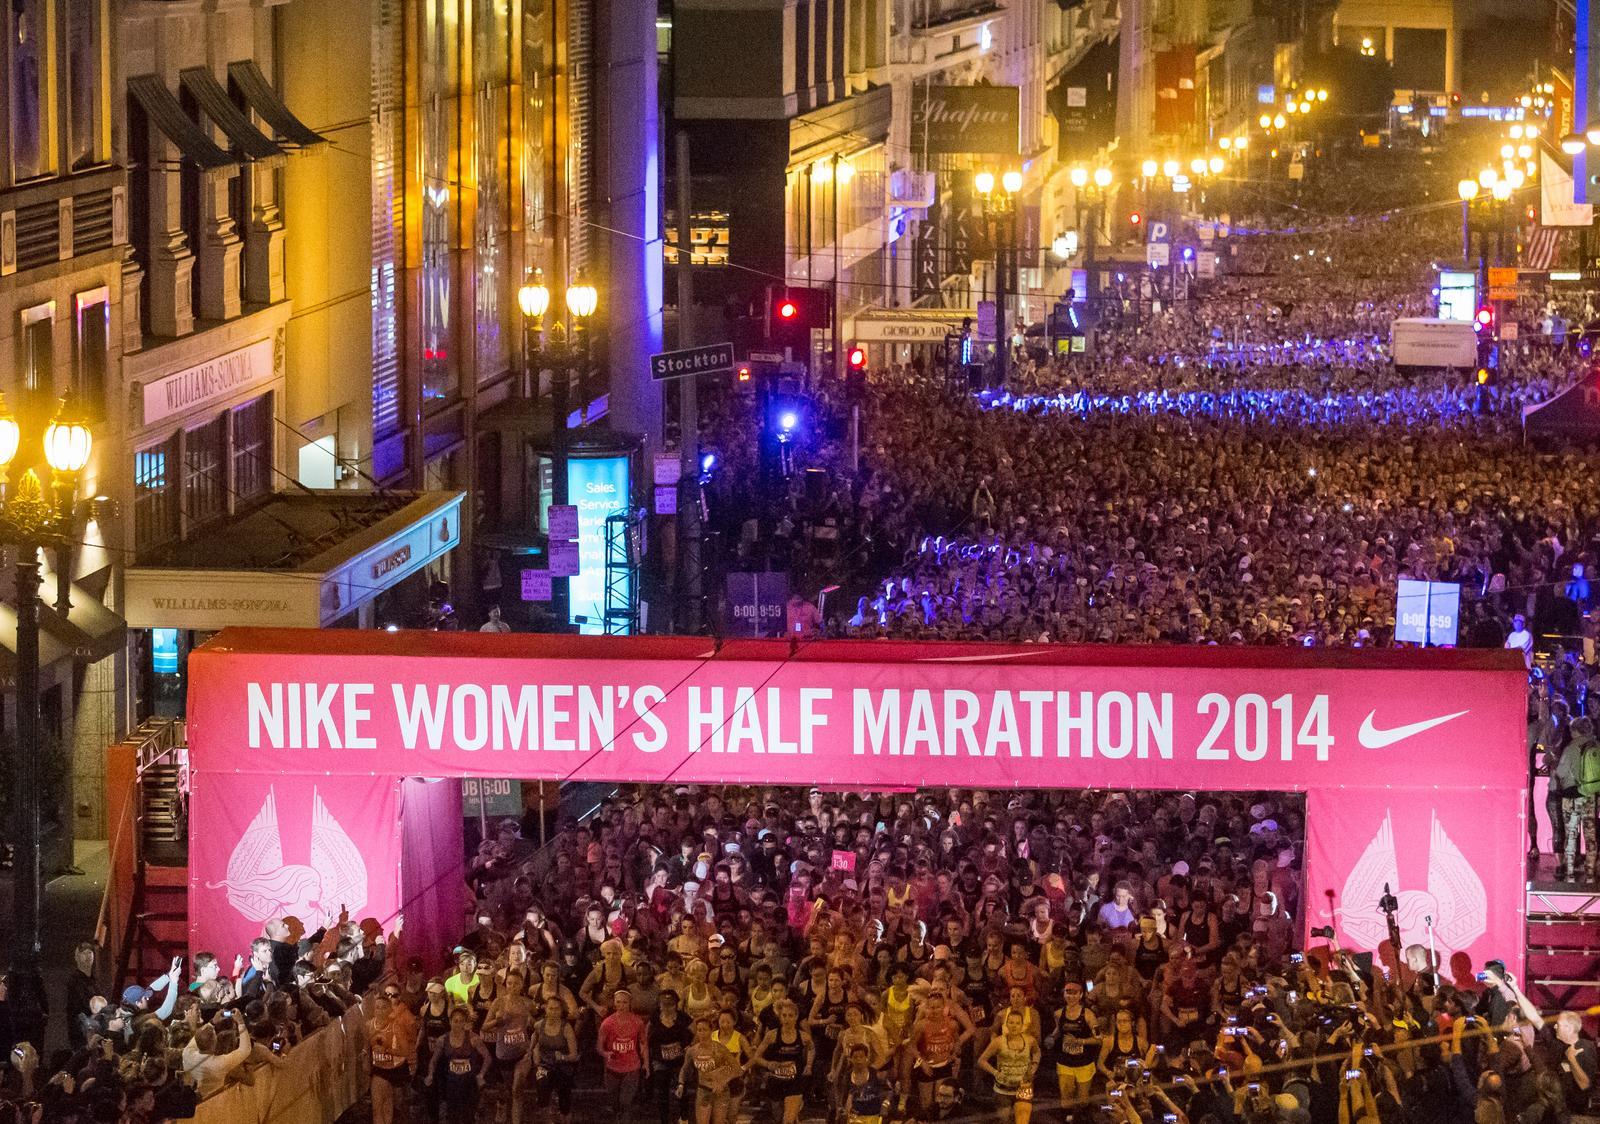 Nike-Womens-desperte-o-seu-melhor-brasil3